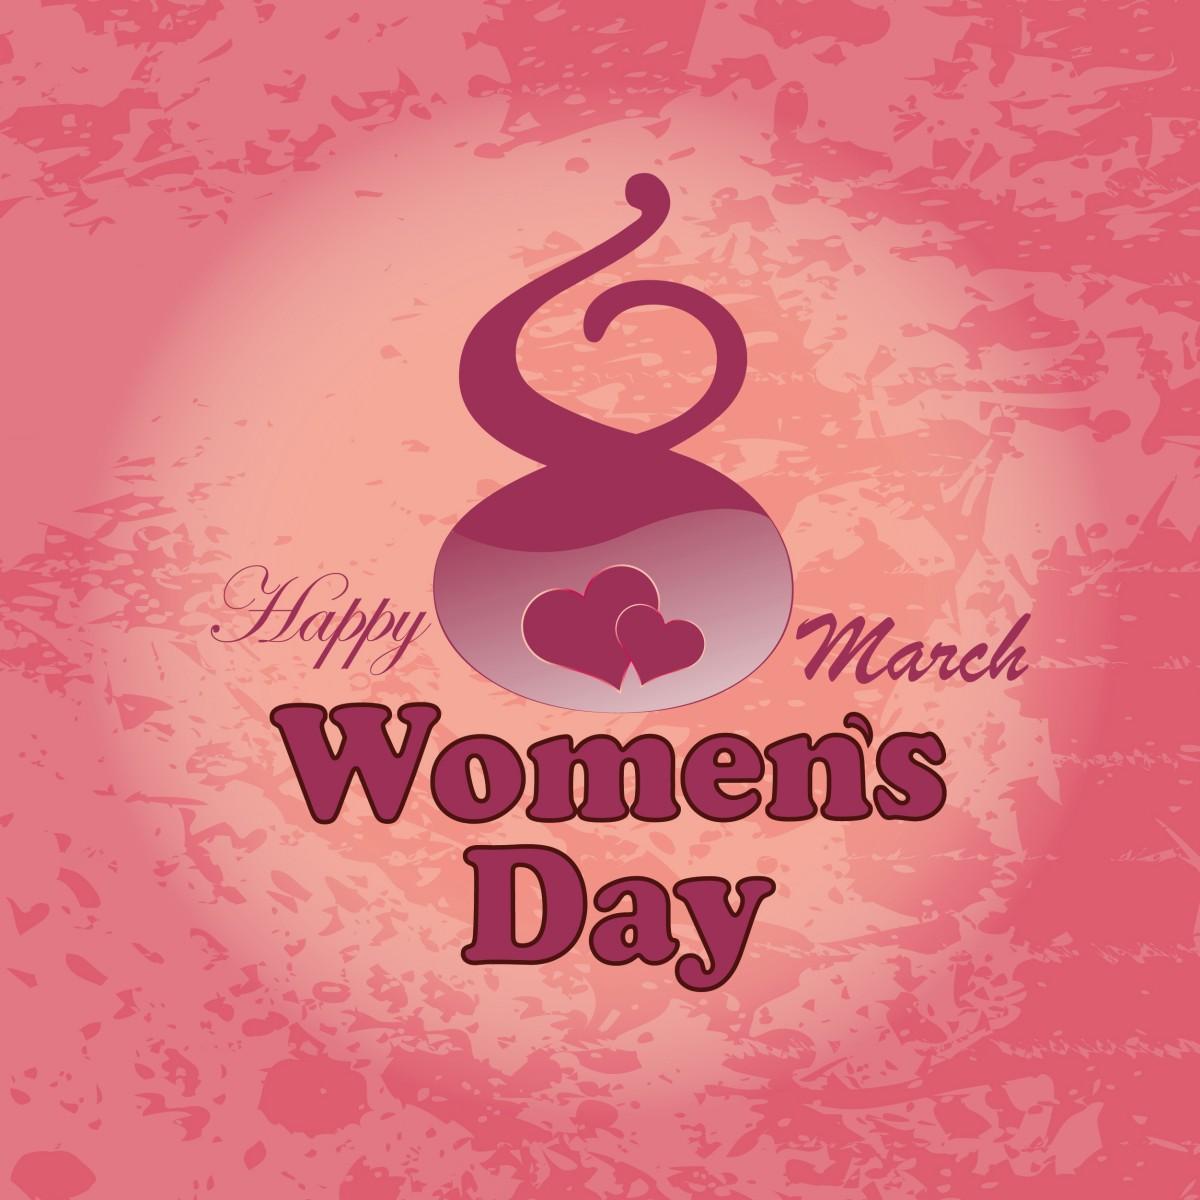 بالصور كلمات عن يوم المراة العالمي , عبارات بمناسبة الاحتفال بيوم المراة العالمى 3086 4